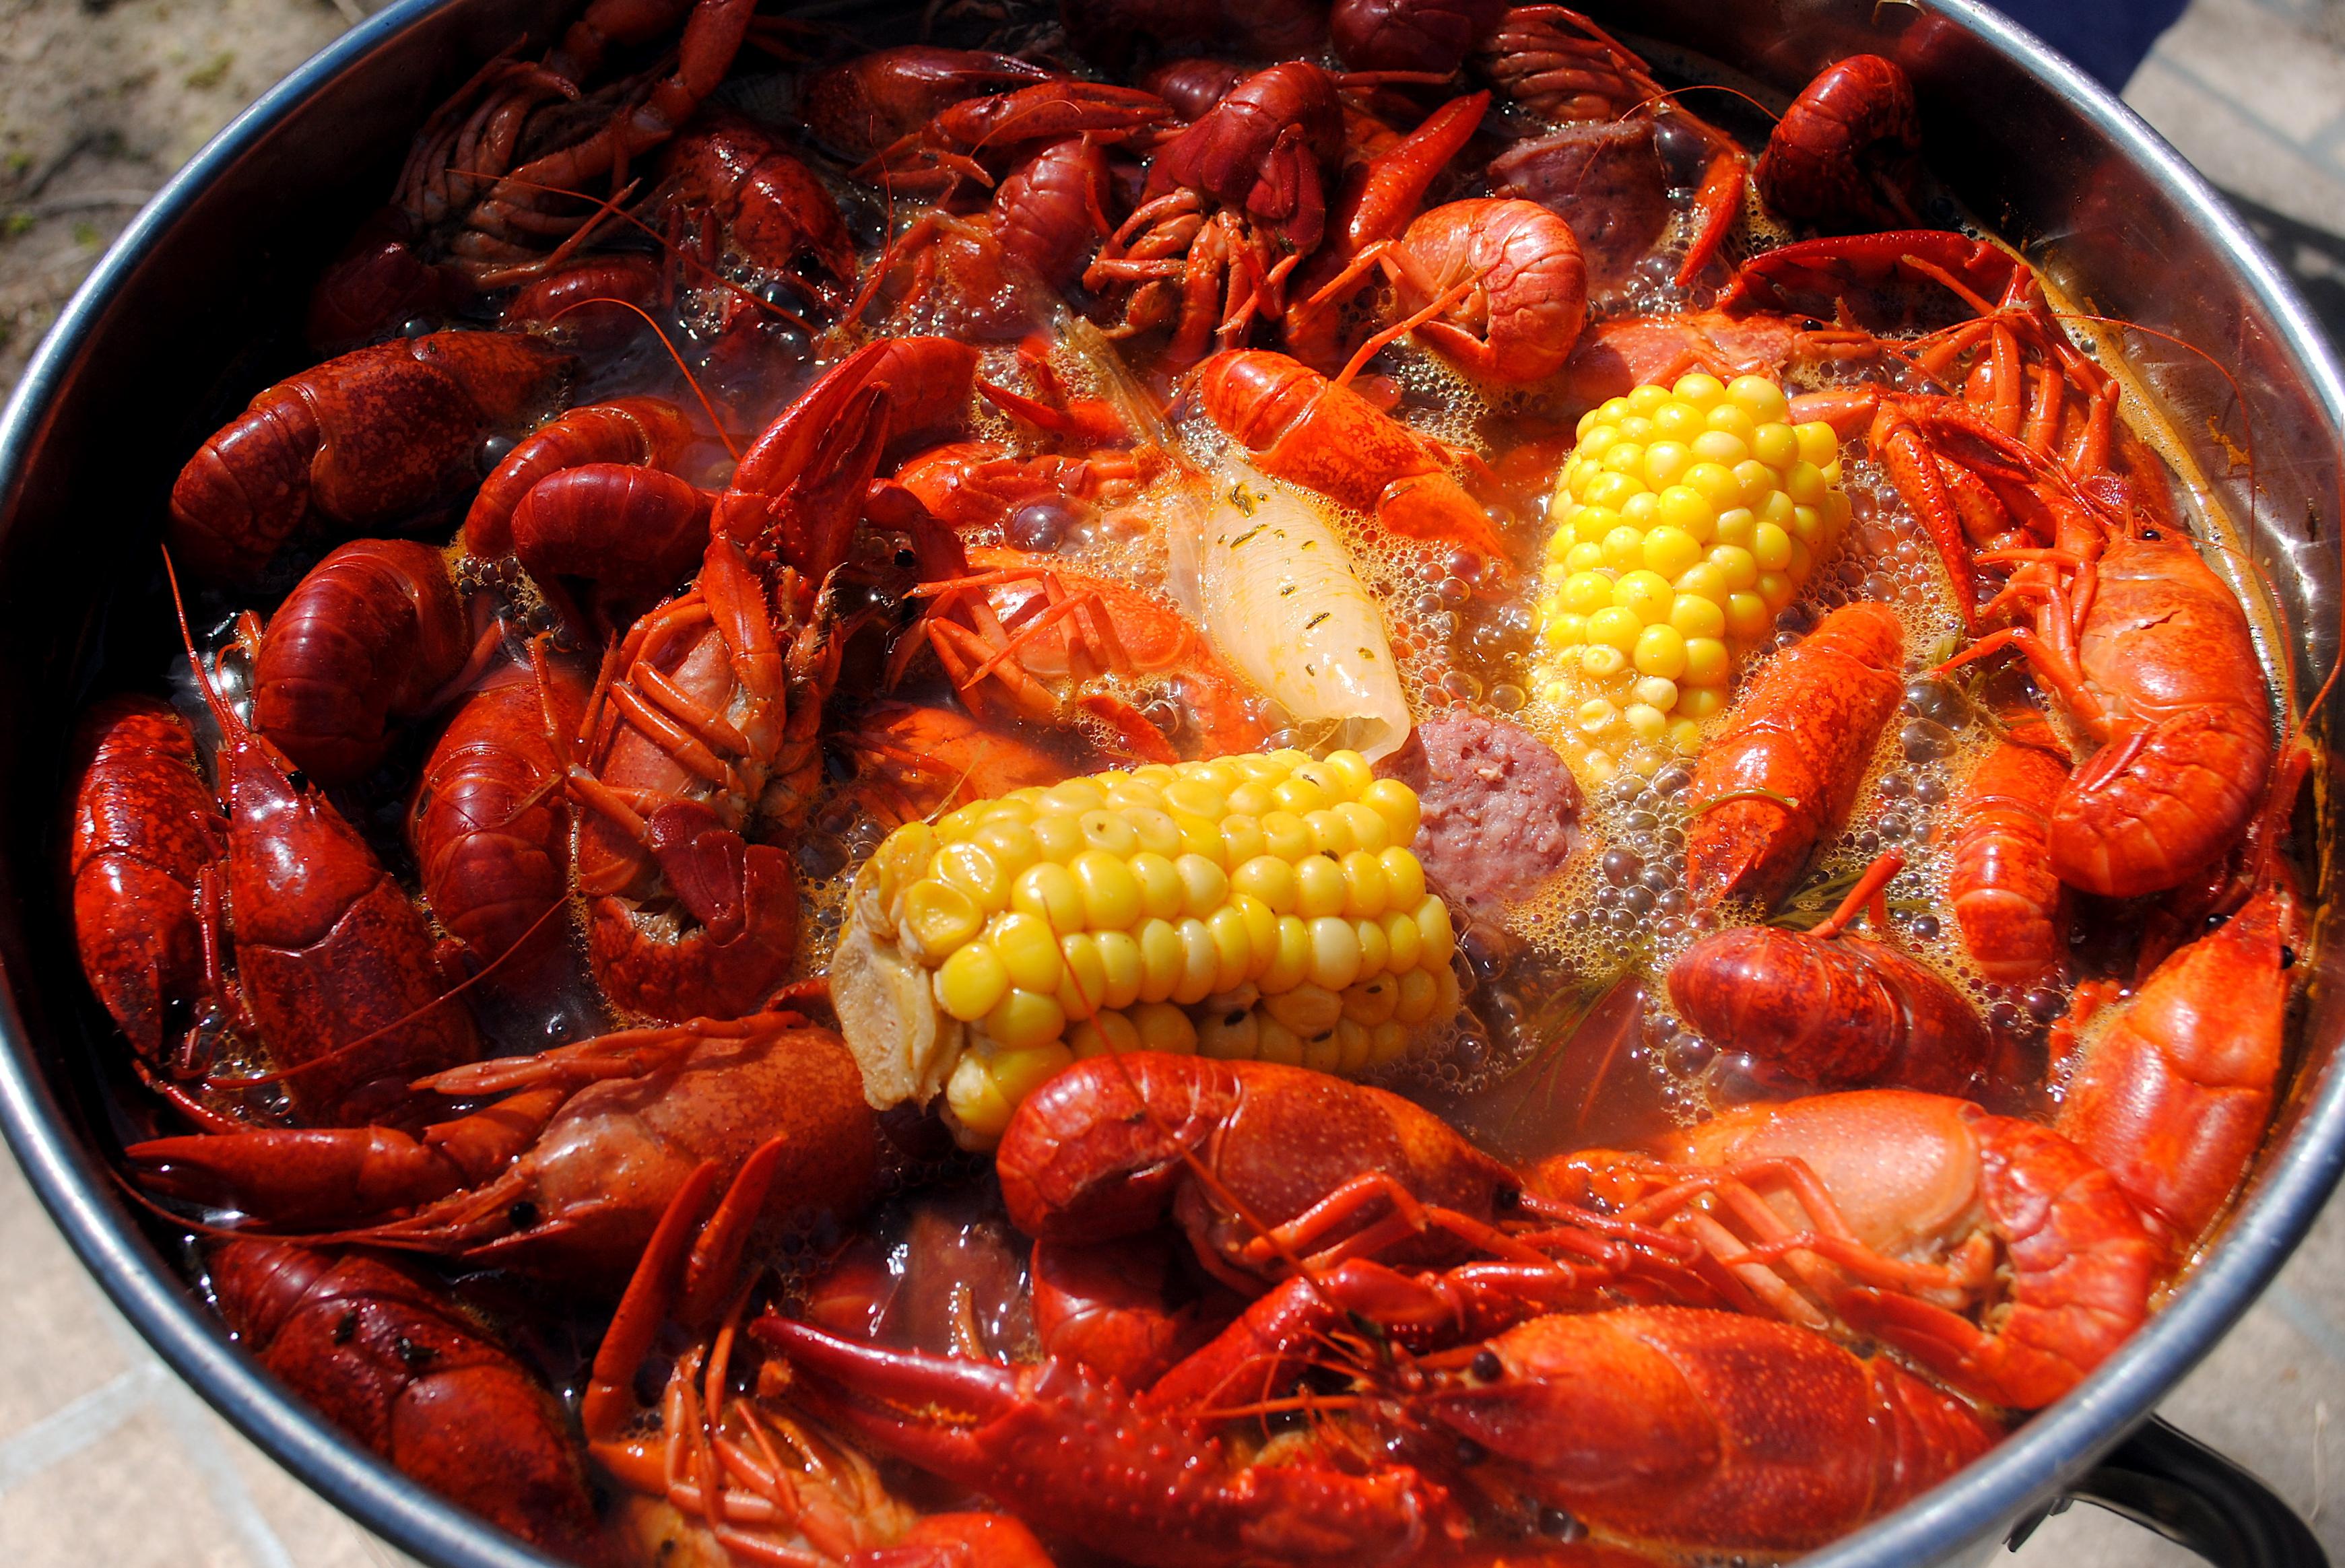 ... crawfish boil recipe cajun crawfish boil 6th annual crawfish boil